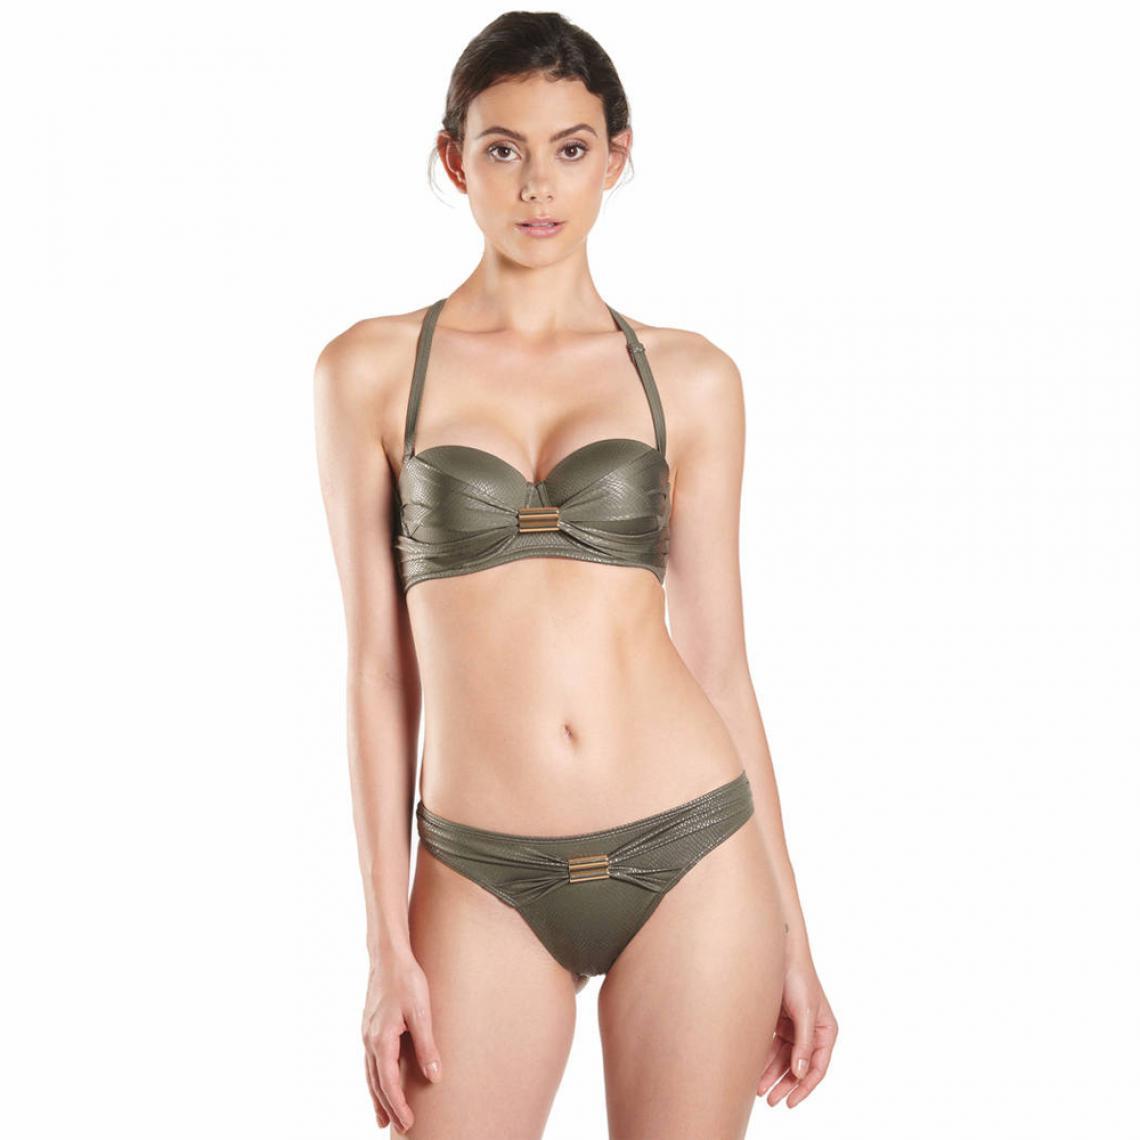 e6b62fe682 Soutien-gorge de bain bandeau vert Haut de maillot de bain bandeaux